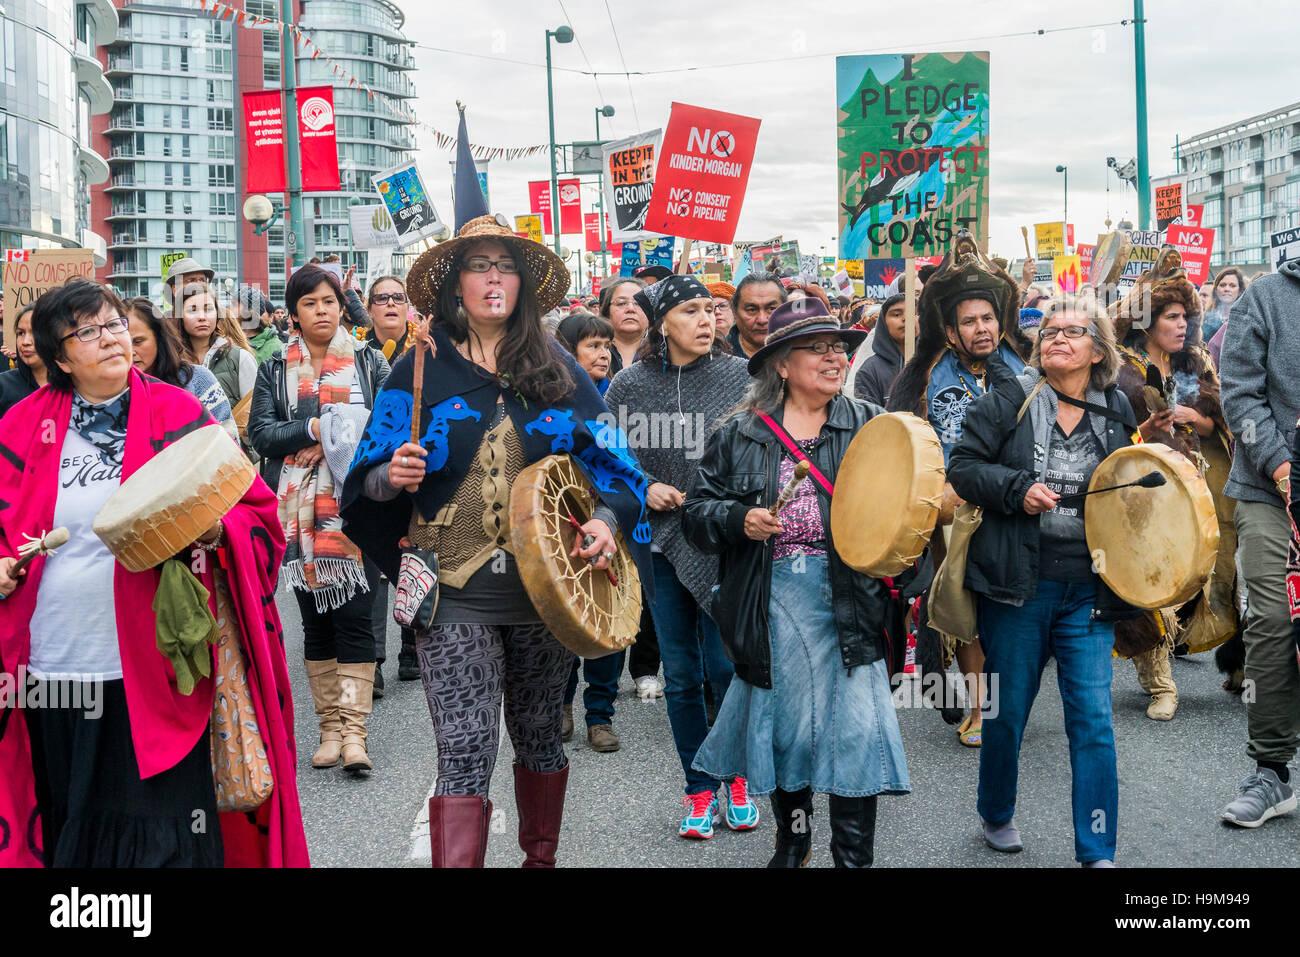 Anti Kinder Morgan Pipeline de protesta y marzo, Vancouver, British Columbia, Canadá. Imagen De Stock